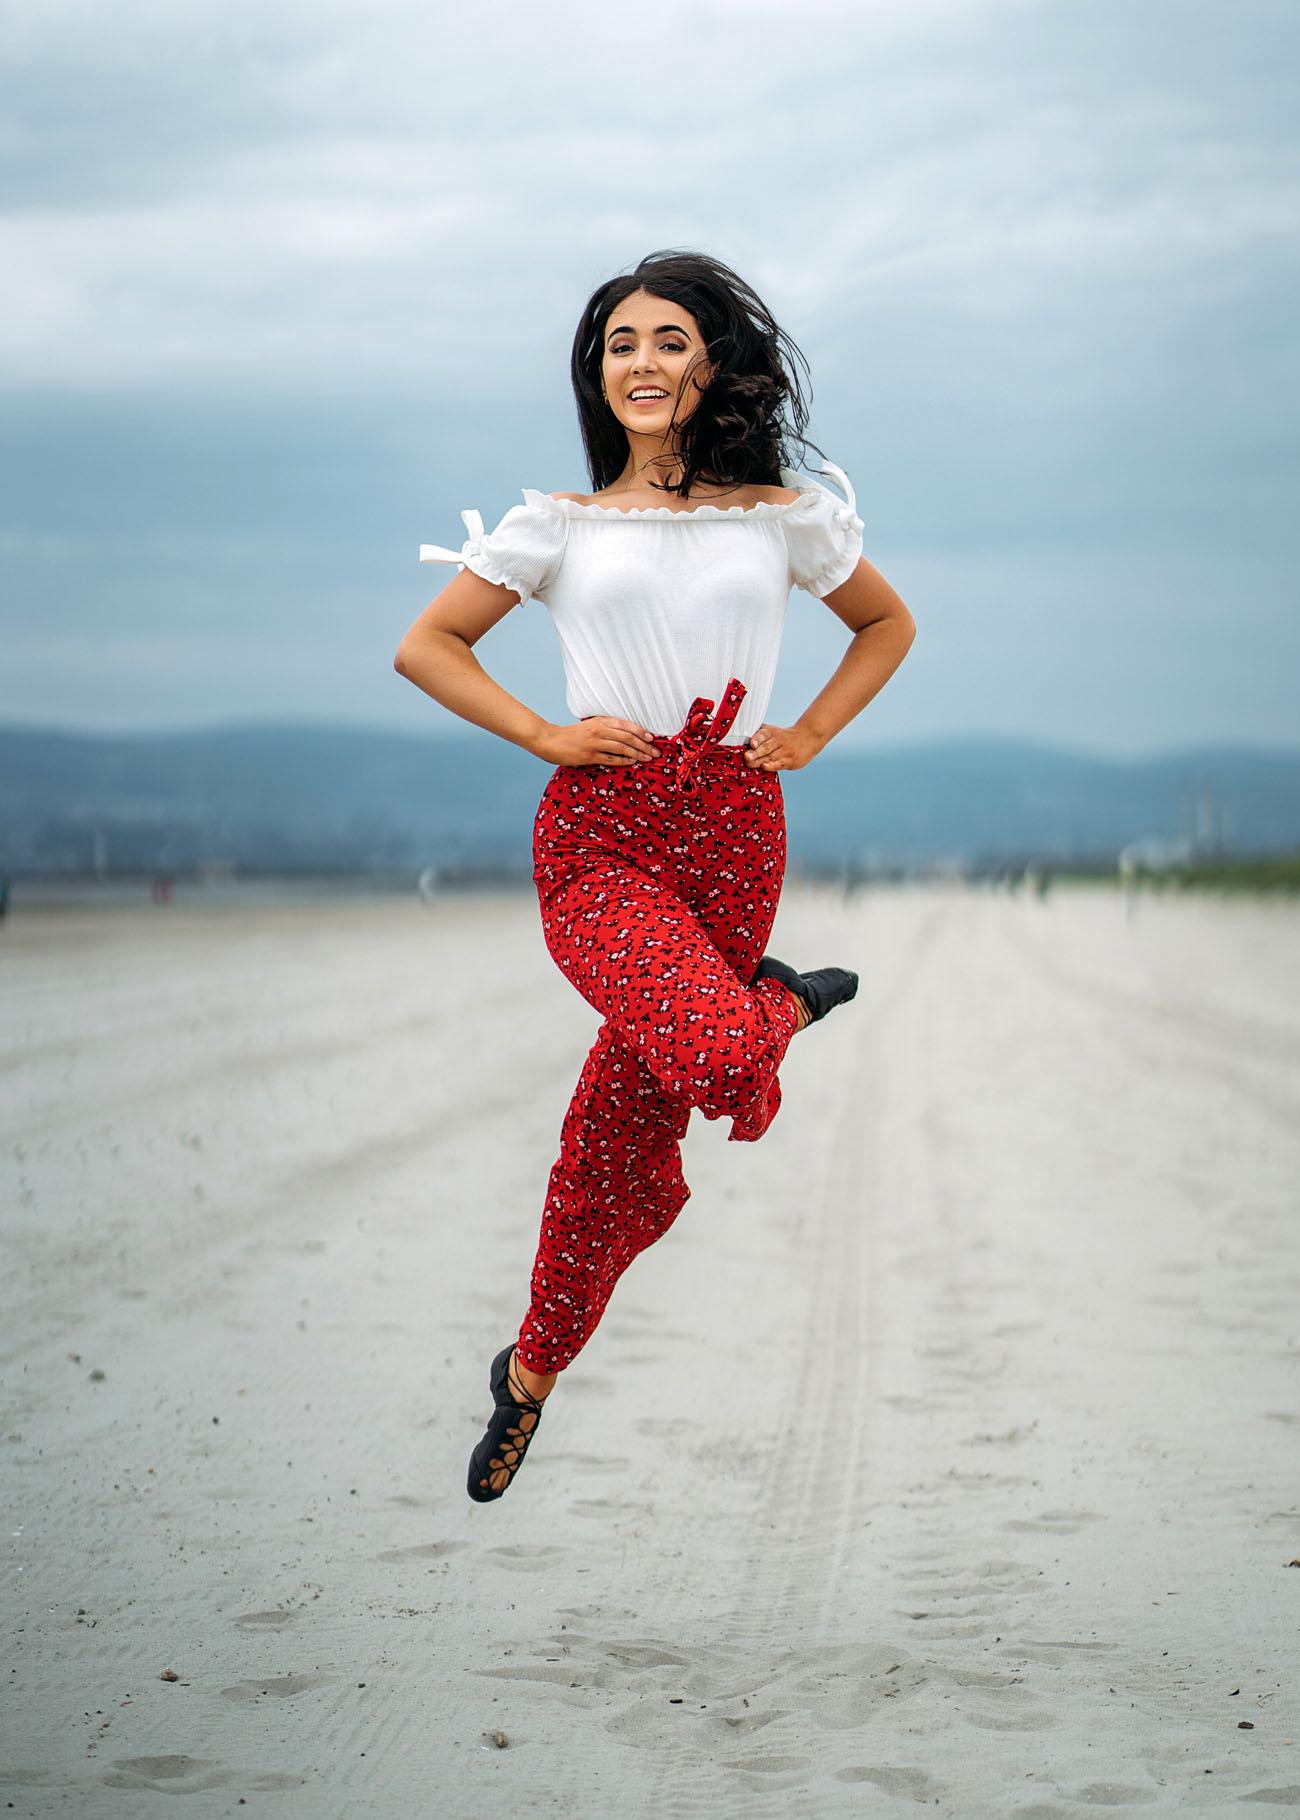 irish-dance-portrait-photographer-dublin-ireland-0091.jpg